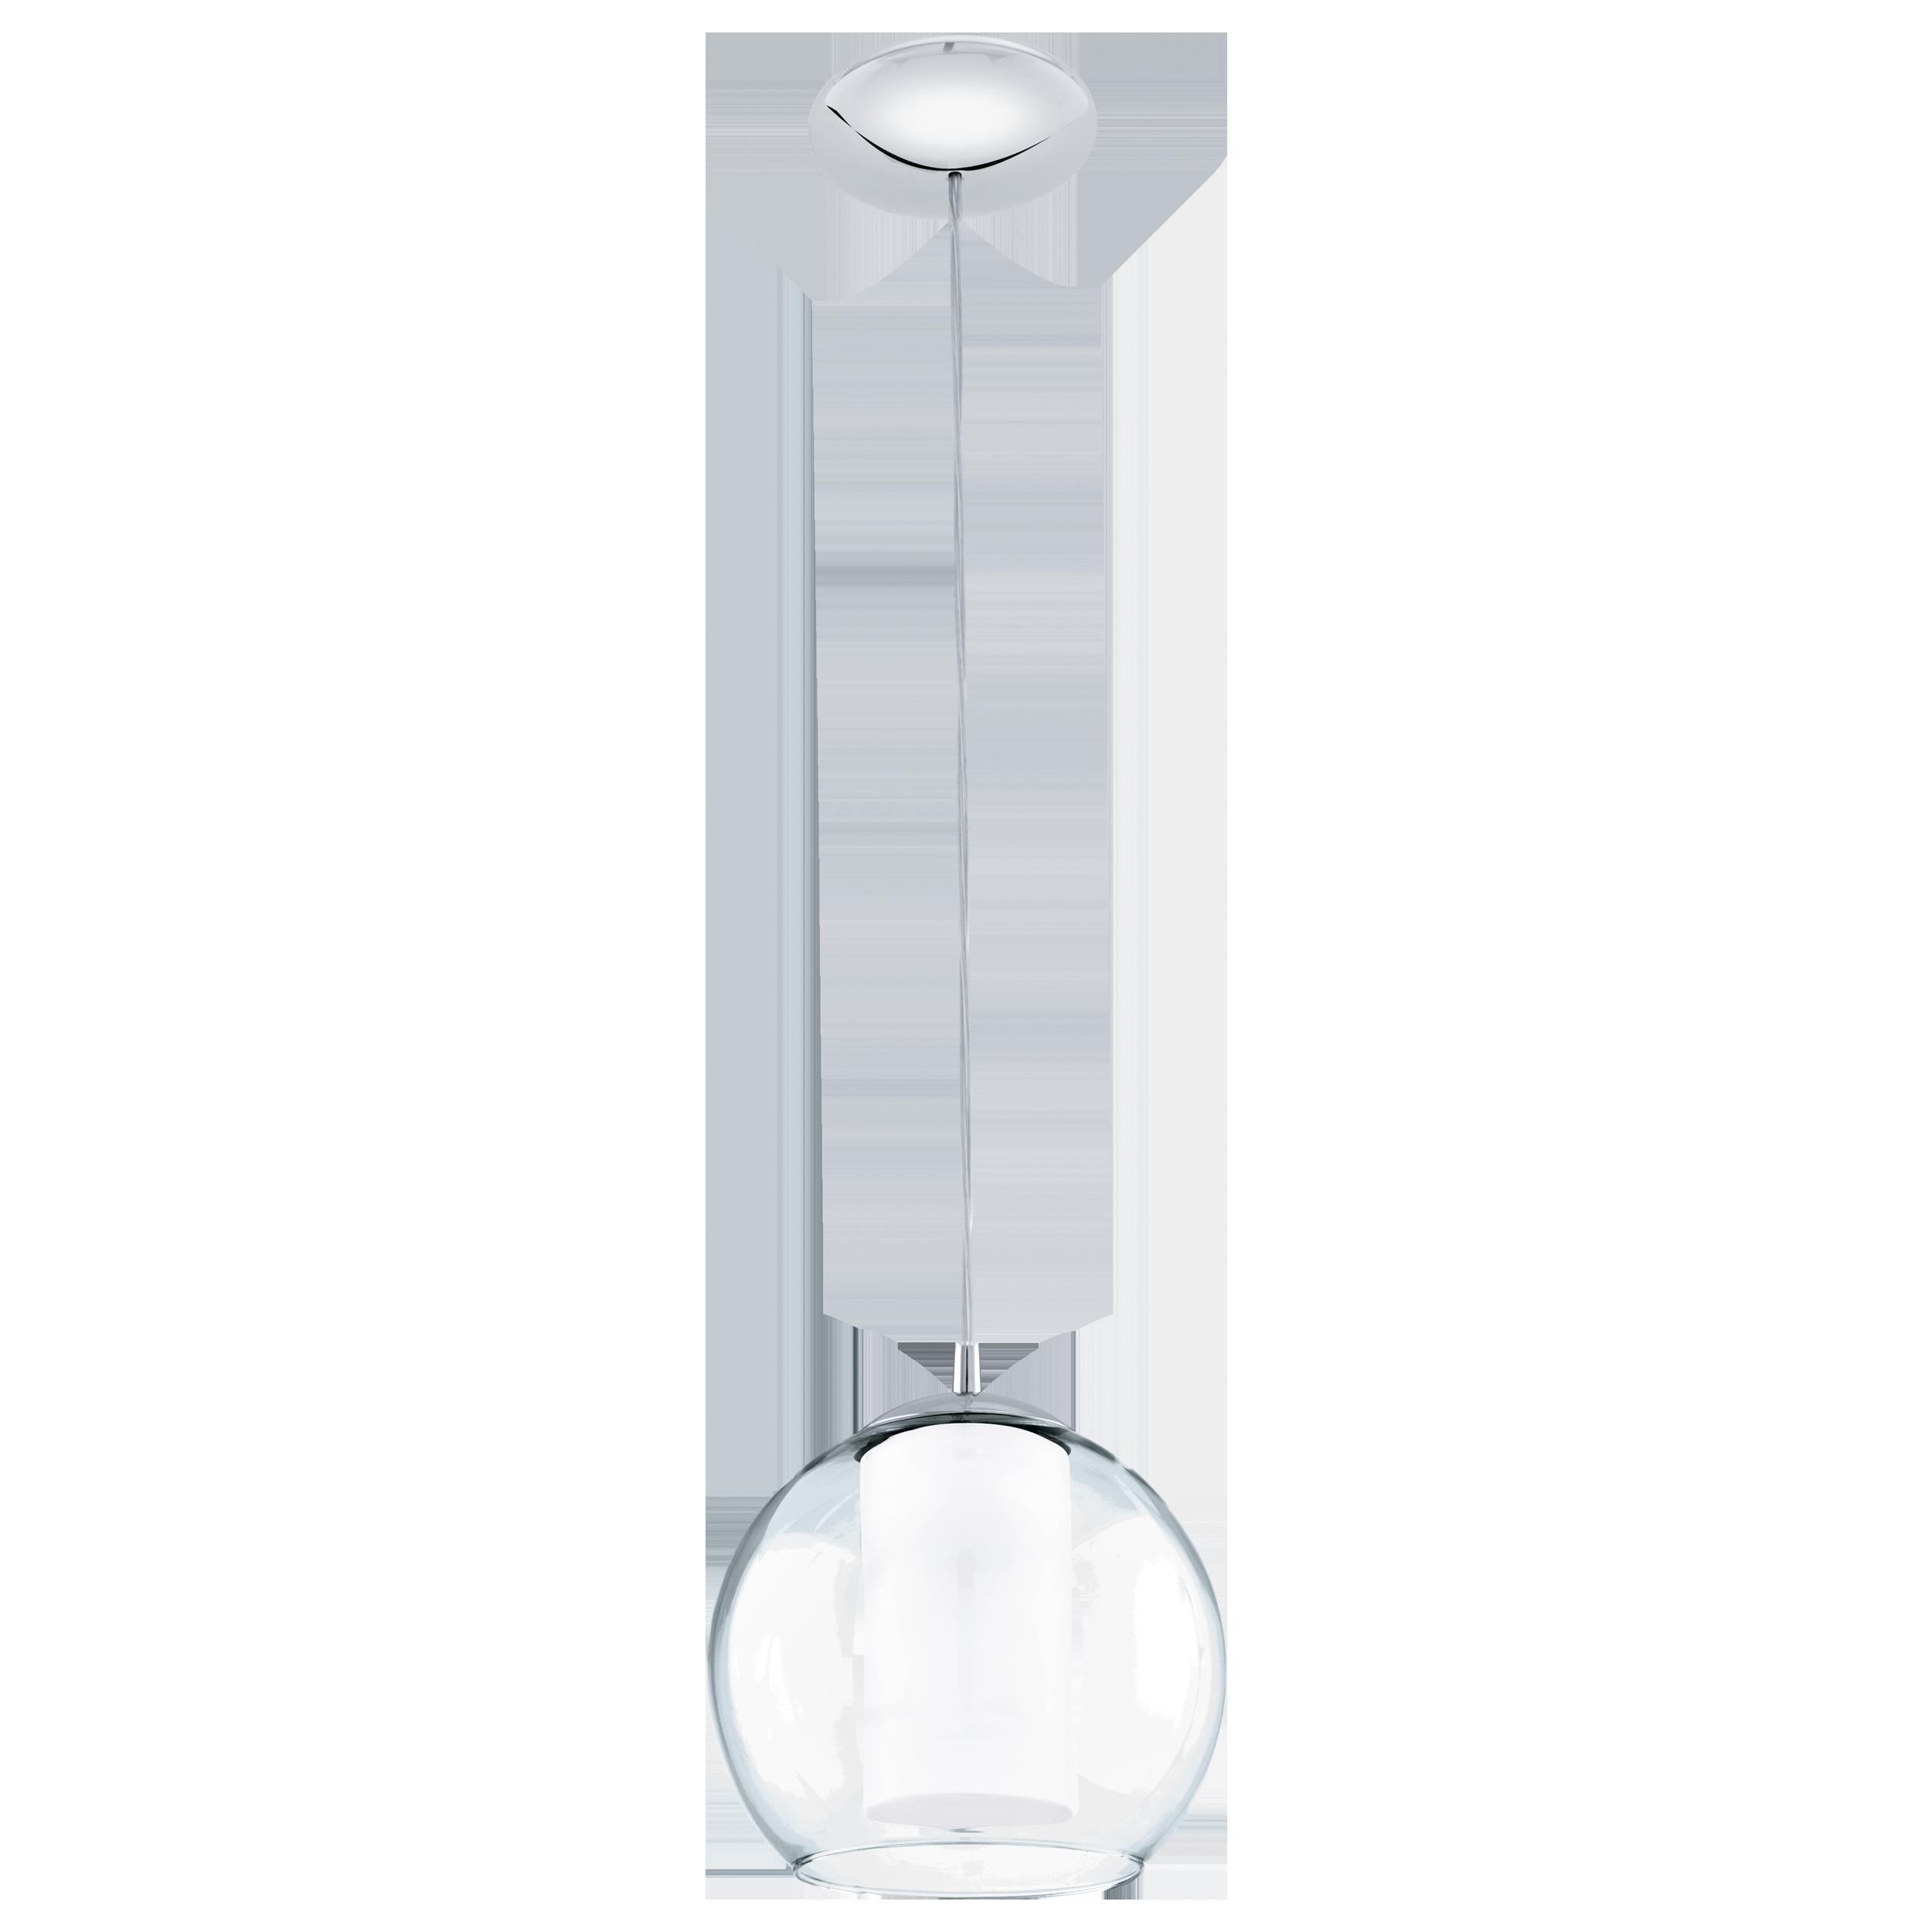 Подвесной светильник Eglo Bolsano 92761, 1xE27x60W, хром, белый, прозрачный, металл, стекло - фото 1